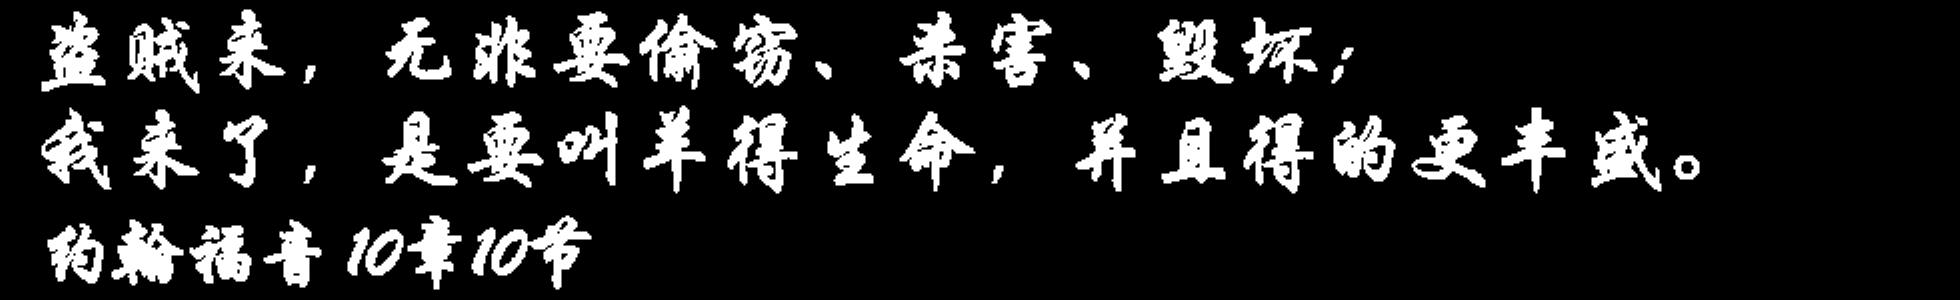 phrase-02-bicubic